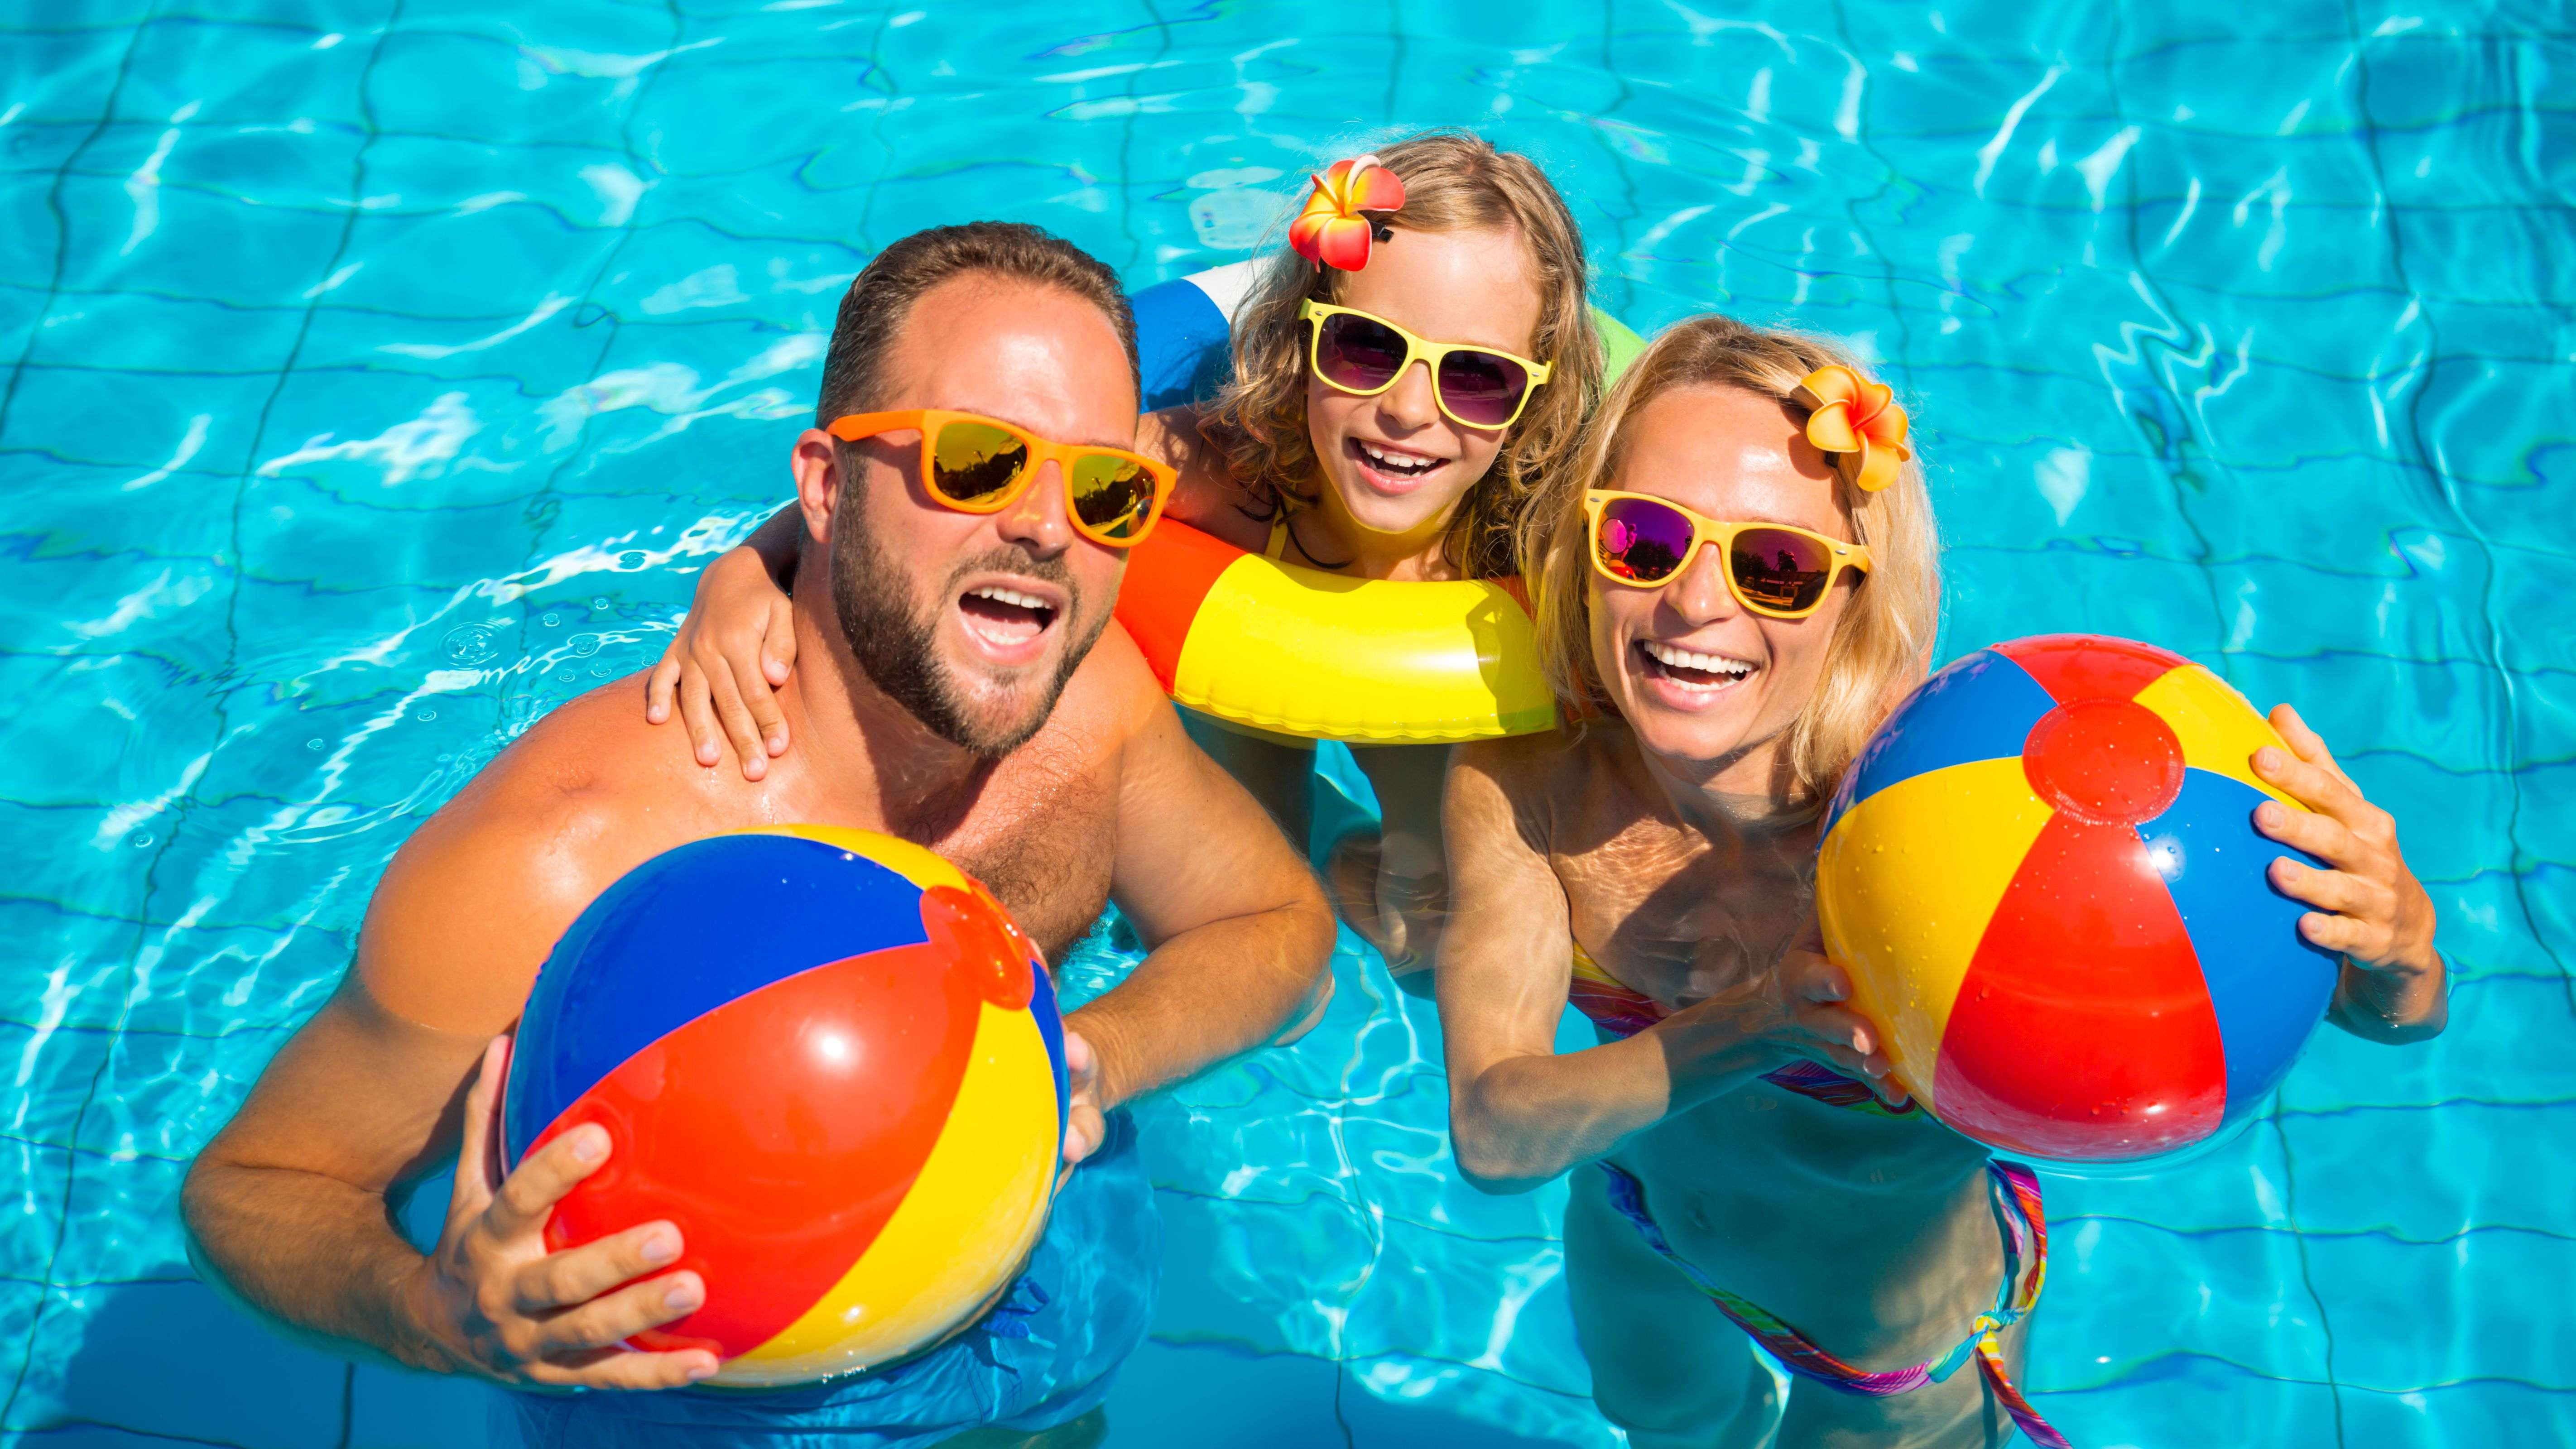 Jeux de piscine :  comment choisir